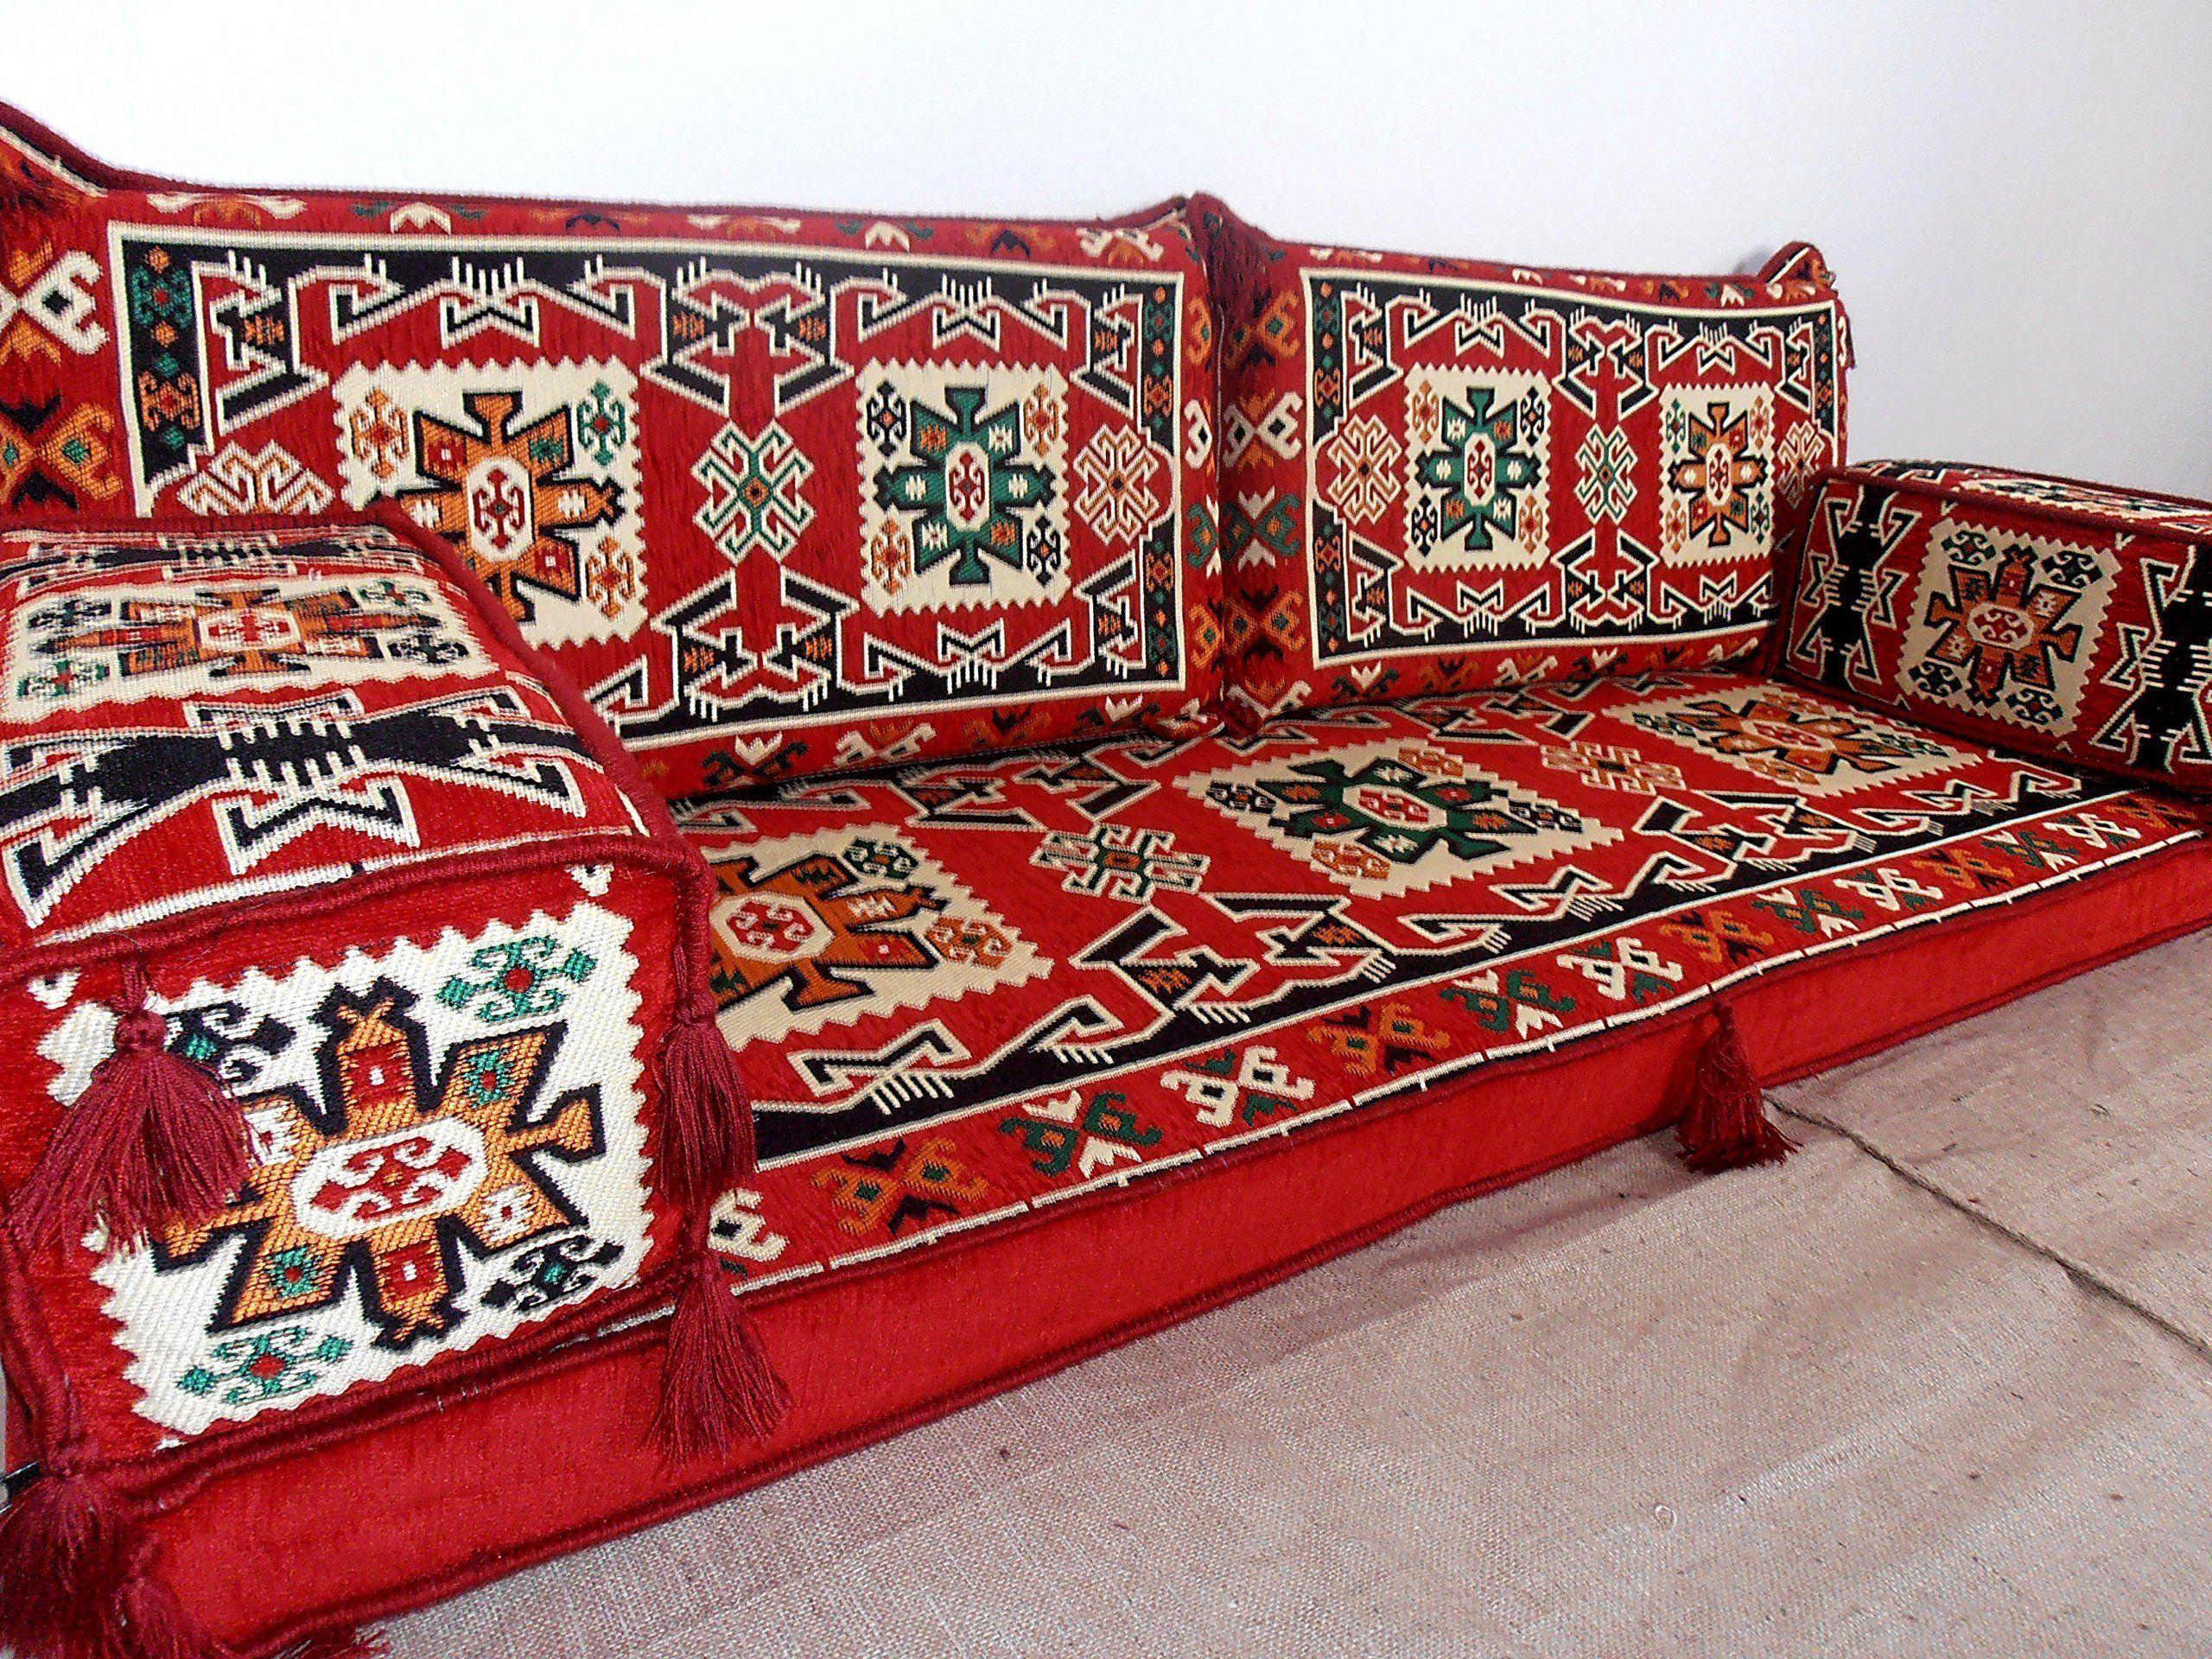 Arabic jalsaarabic majlishookah bar furnitureoriental seatingfloor couch